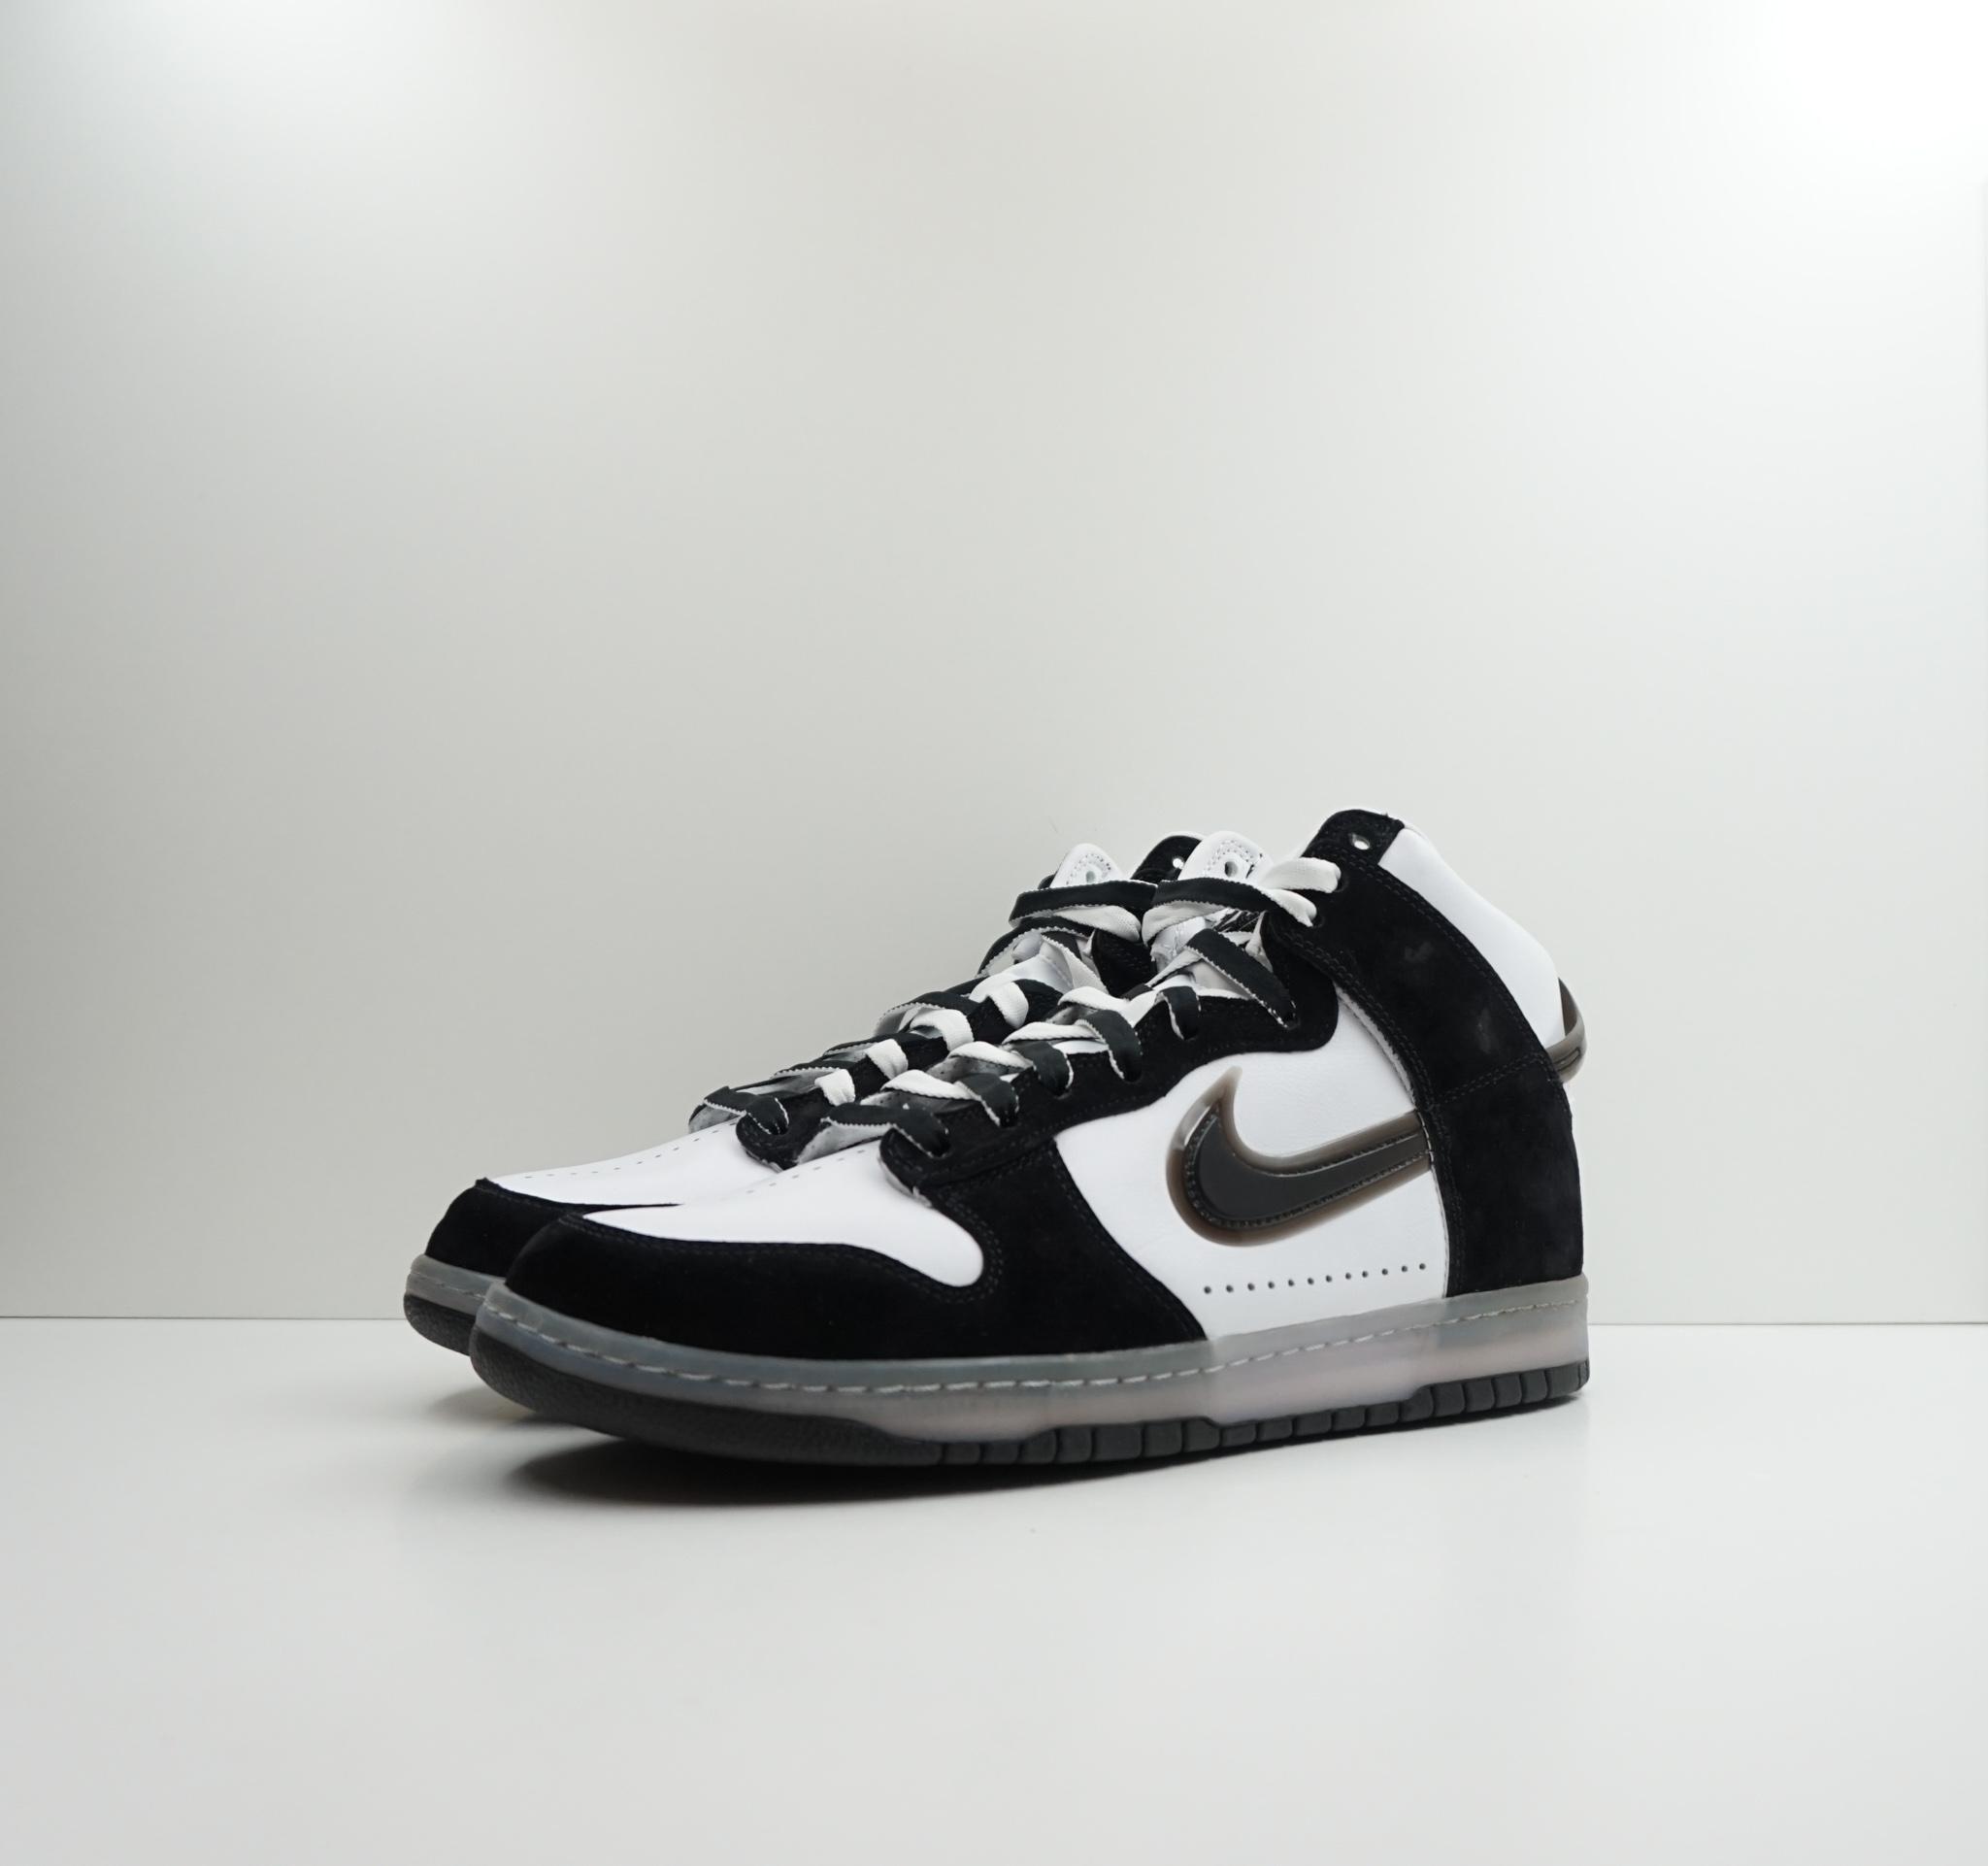 Nike Dunk High Slam Jam White Black